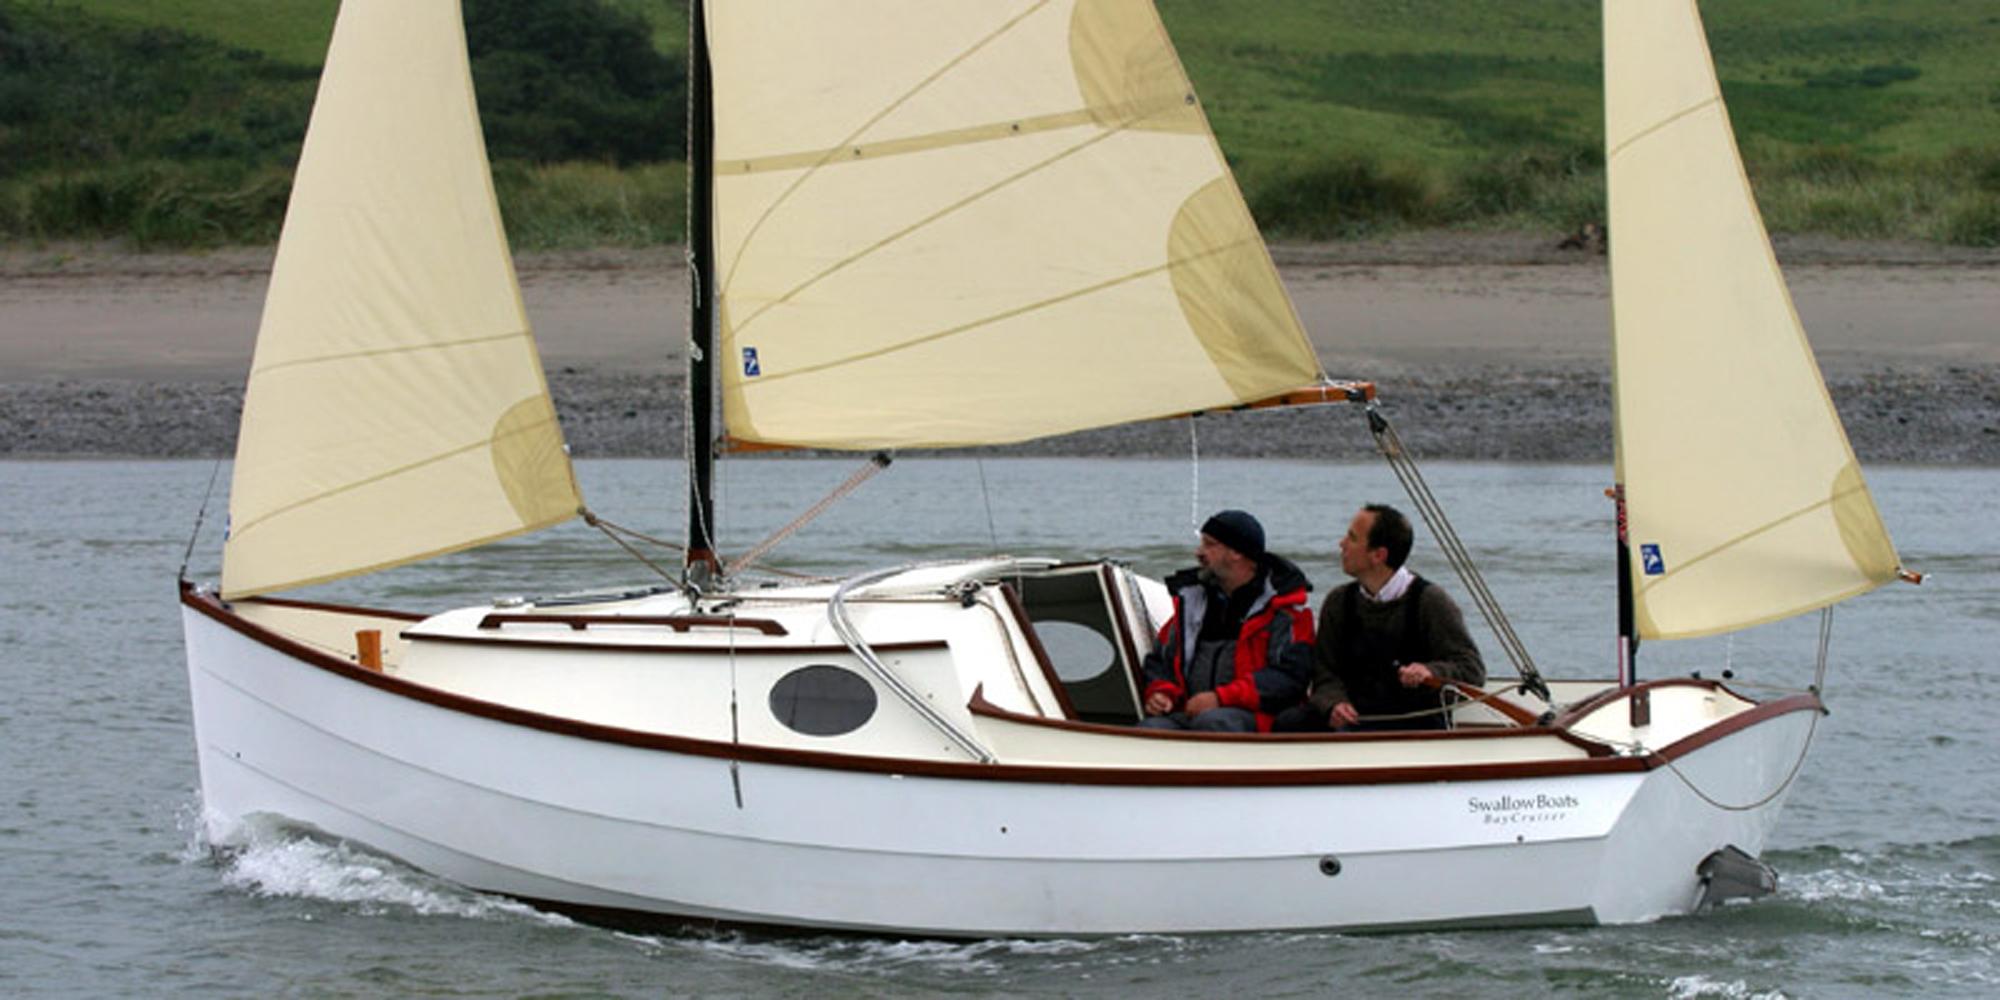 BayCruiser 20 | Swallow Yachts